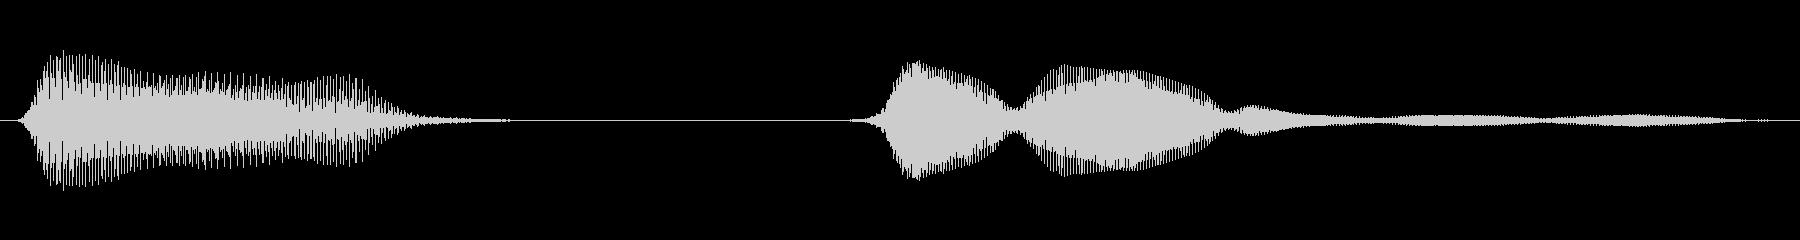 ピコ(ジョーク、気付き)の未再生の波形